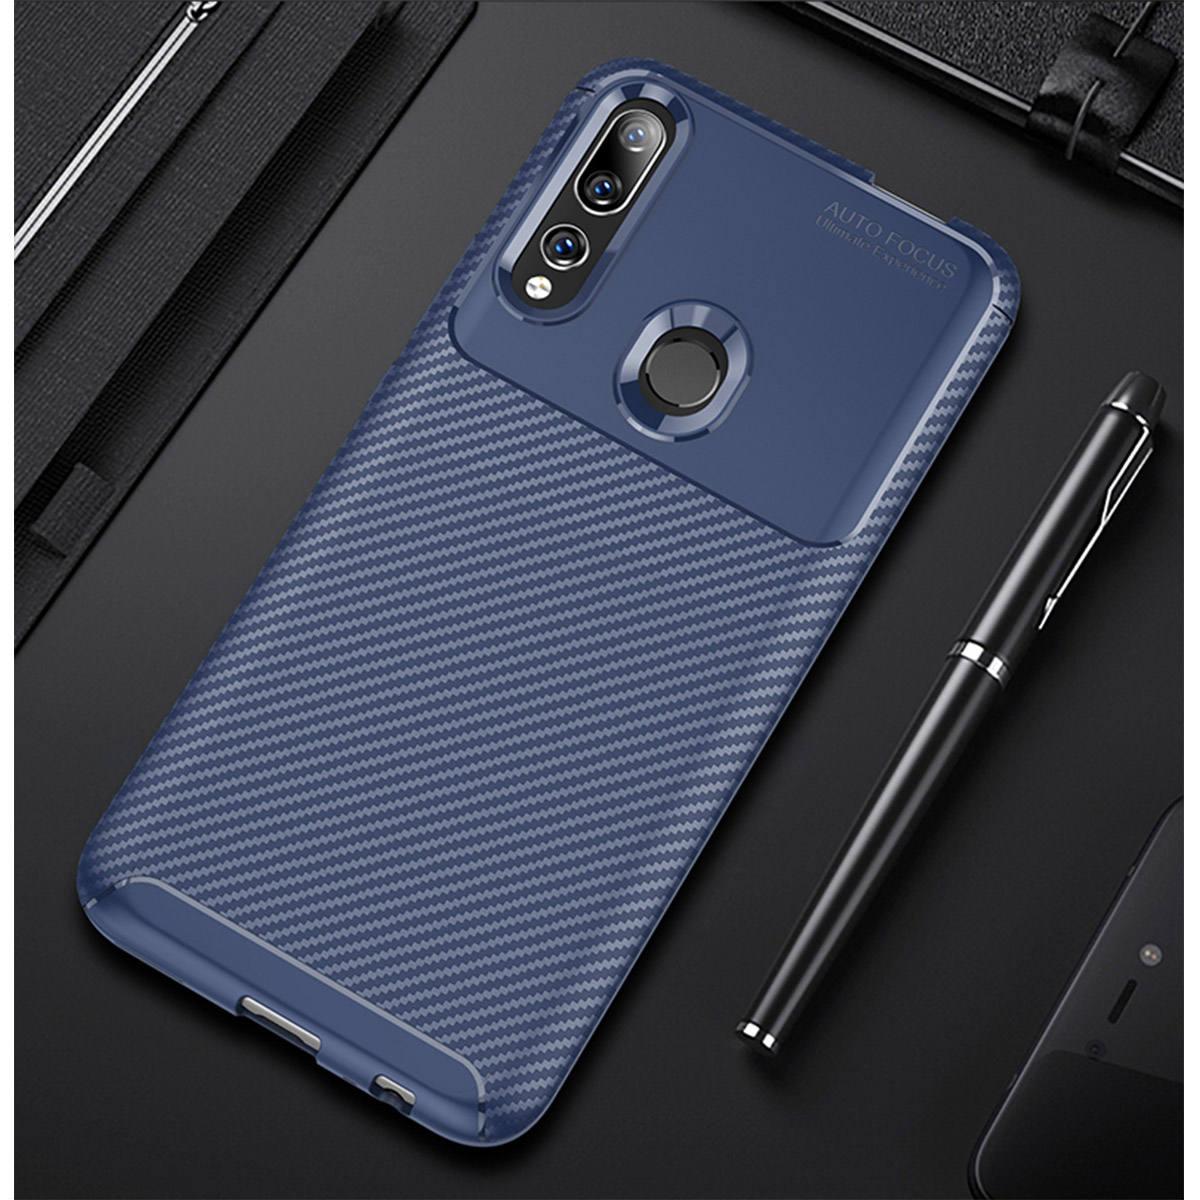 کاور لاین کینگ مدل A21 مناسب برای گوشی موبایل هوآوی Y9 Prime 2019 / آنر 9X thumb 2 24